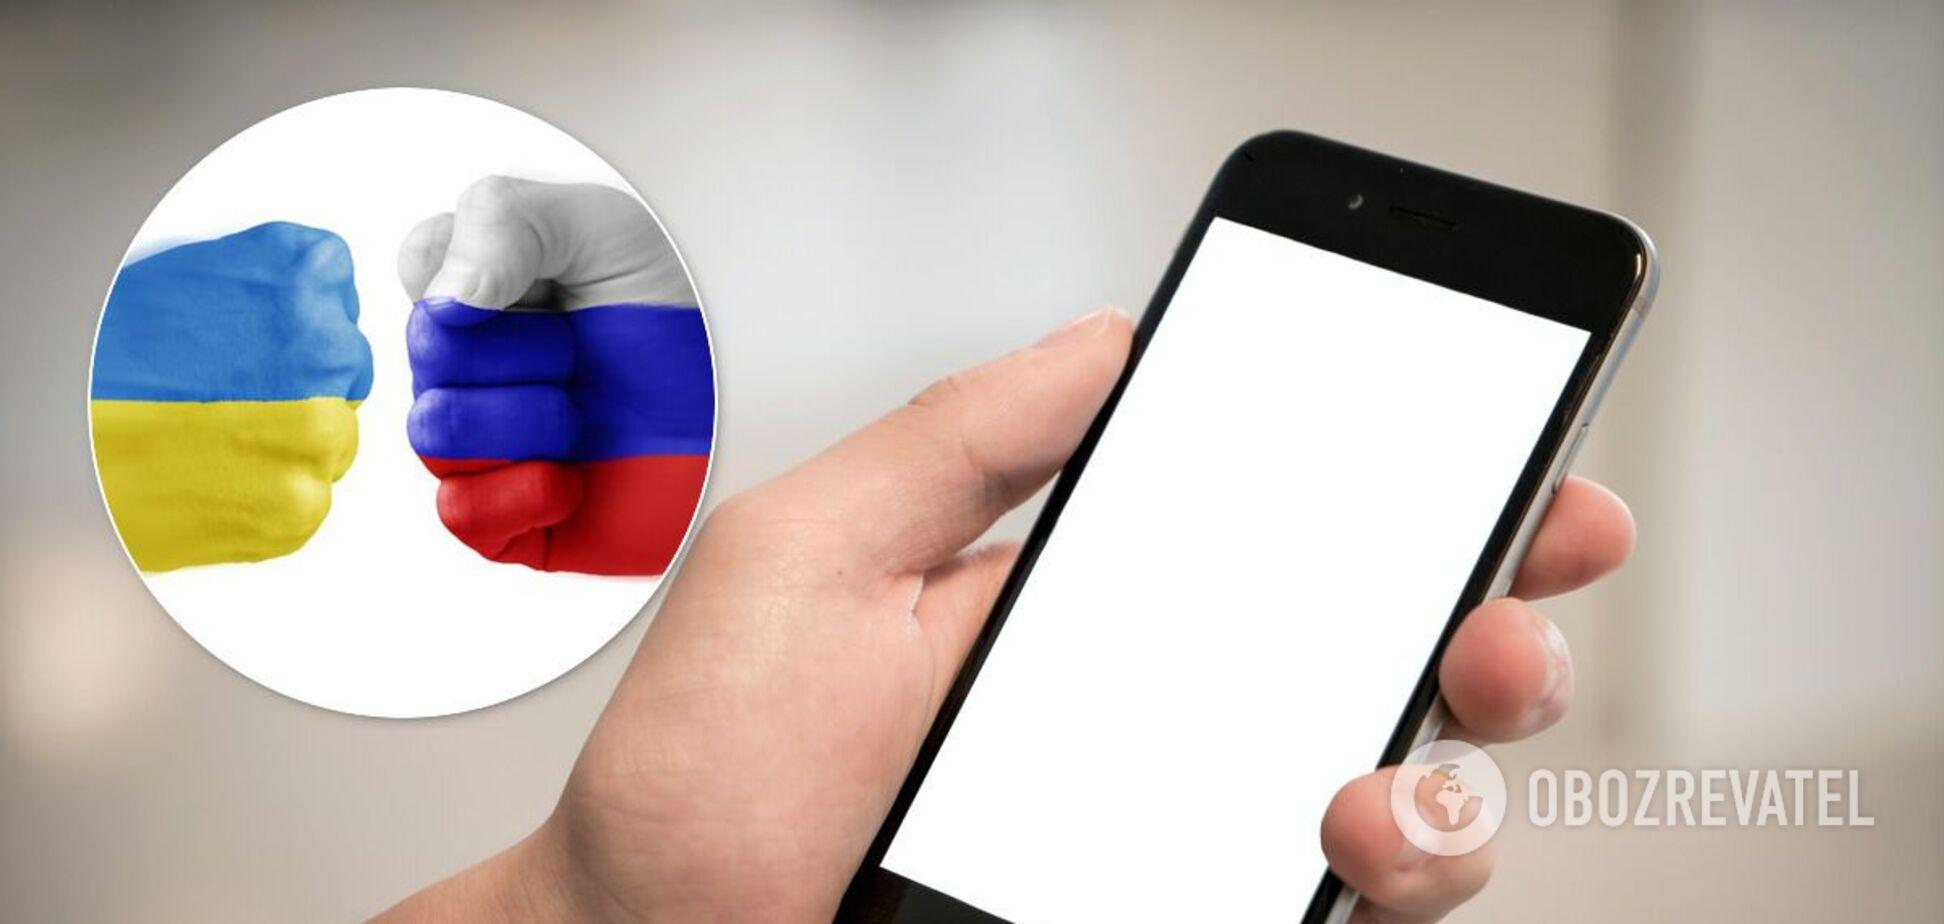 Пропагандисты РФ запустили приложение-фейк